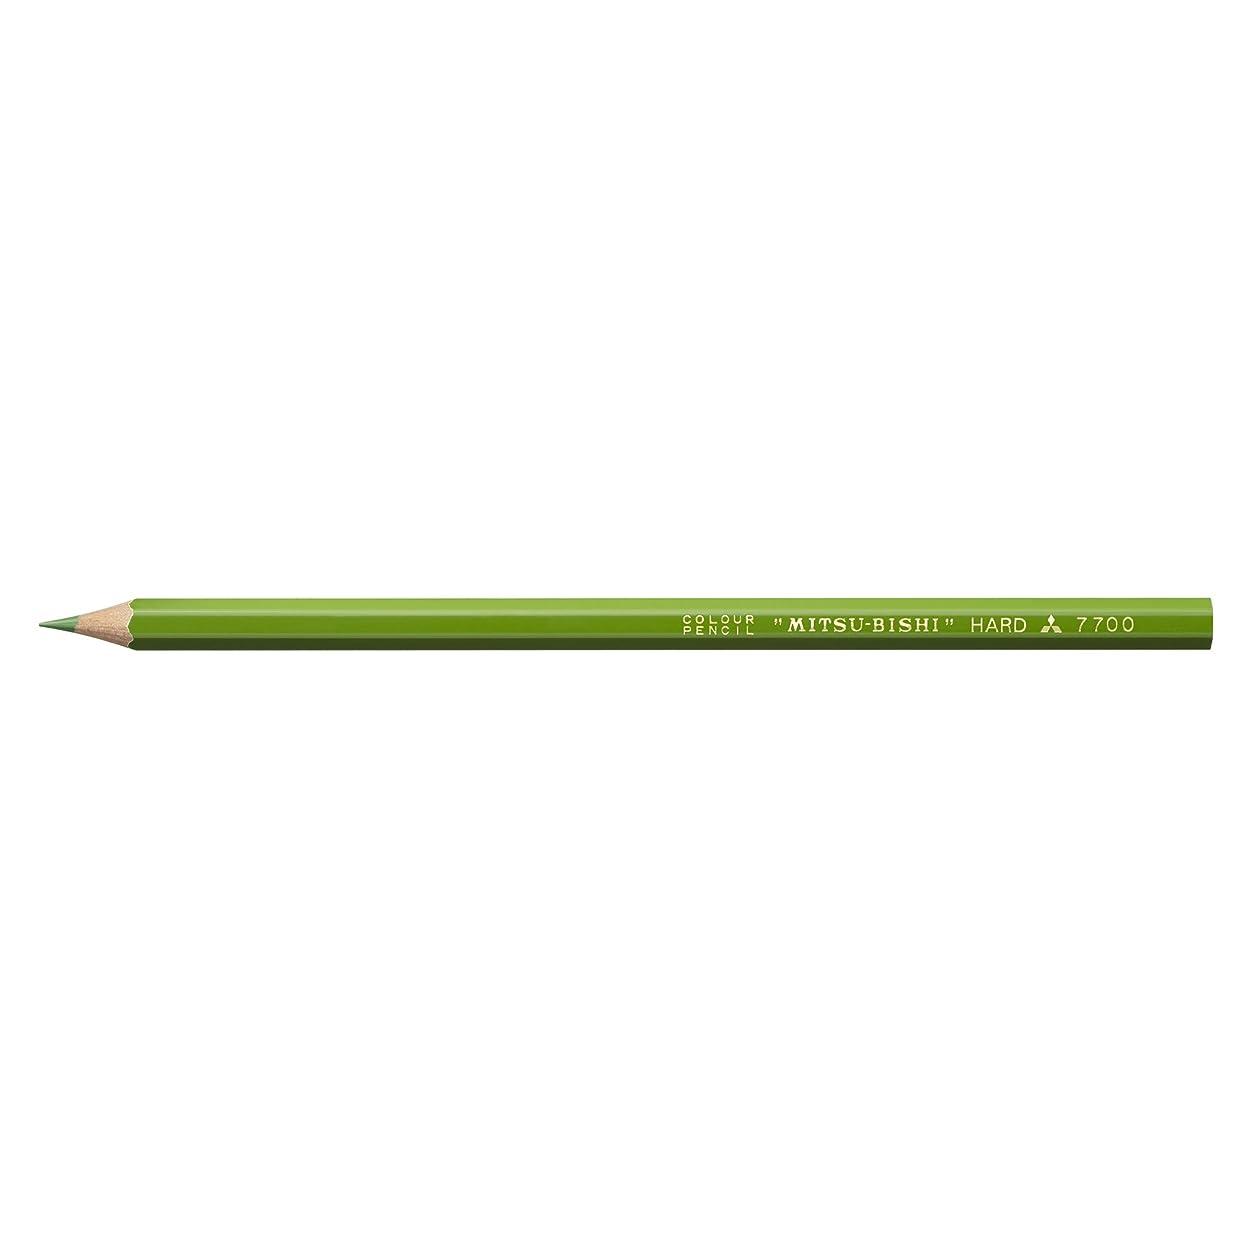 豊富植物の明日三菱鉛筆 硬質色鉛筆 -7700 単色1ダース きみどり